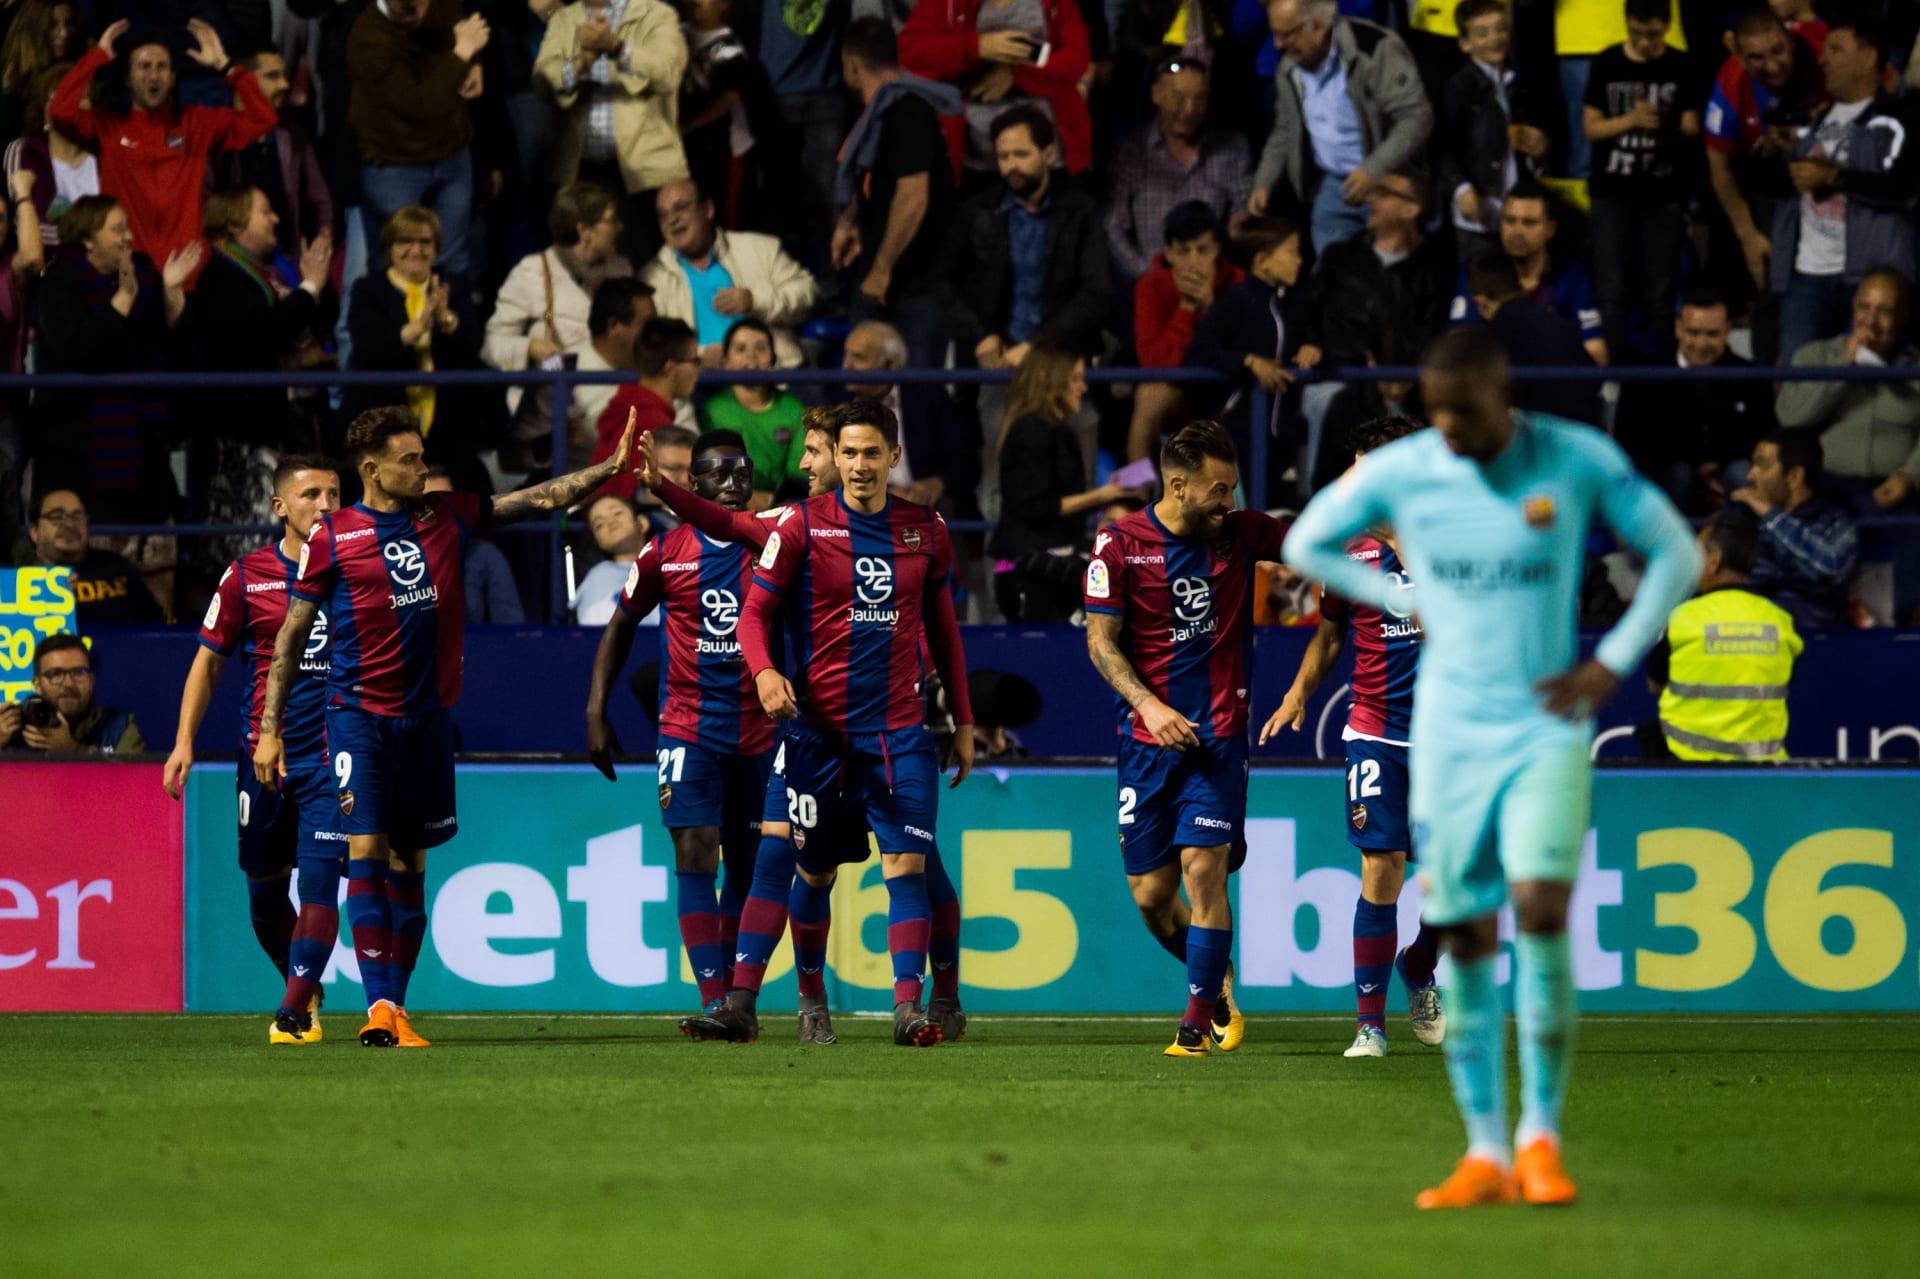 في ليلة تاريخية.. ليفانتي يفسد طموحات برشلونة بخمسة أهداف